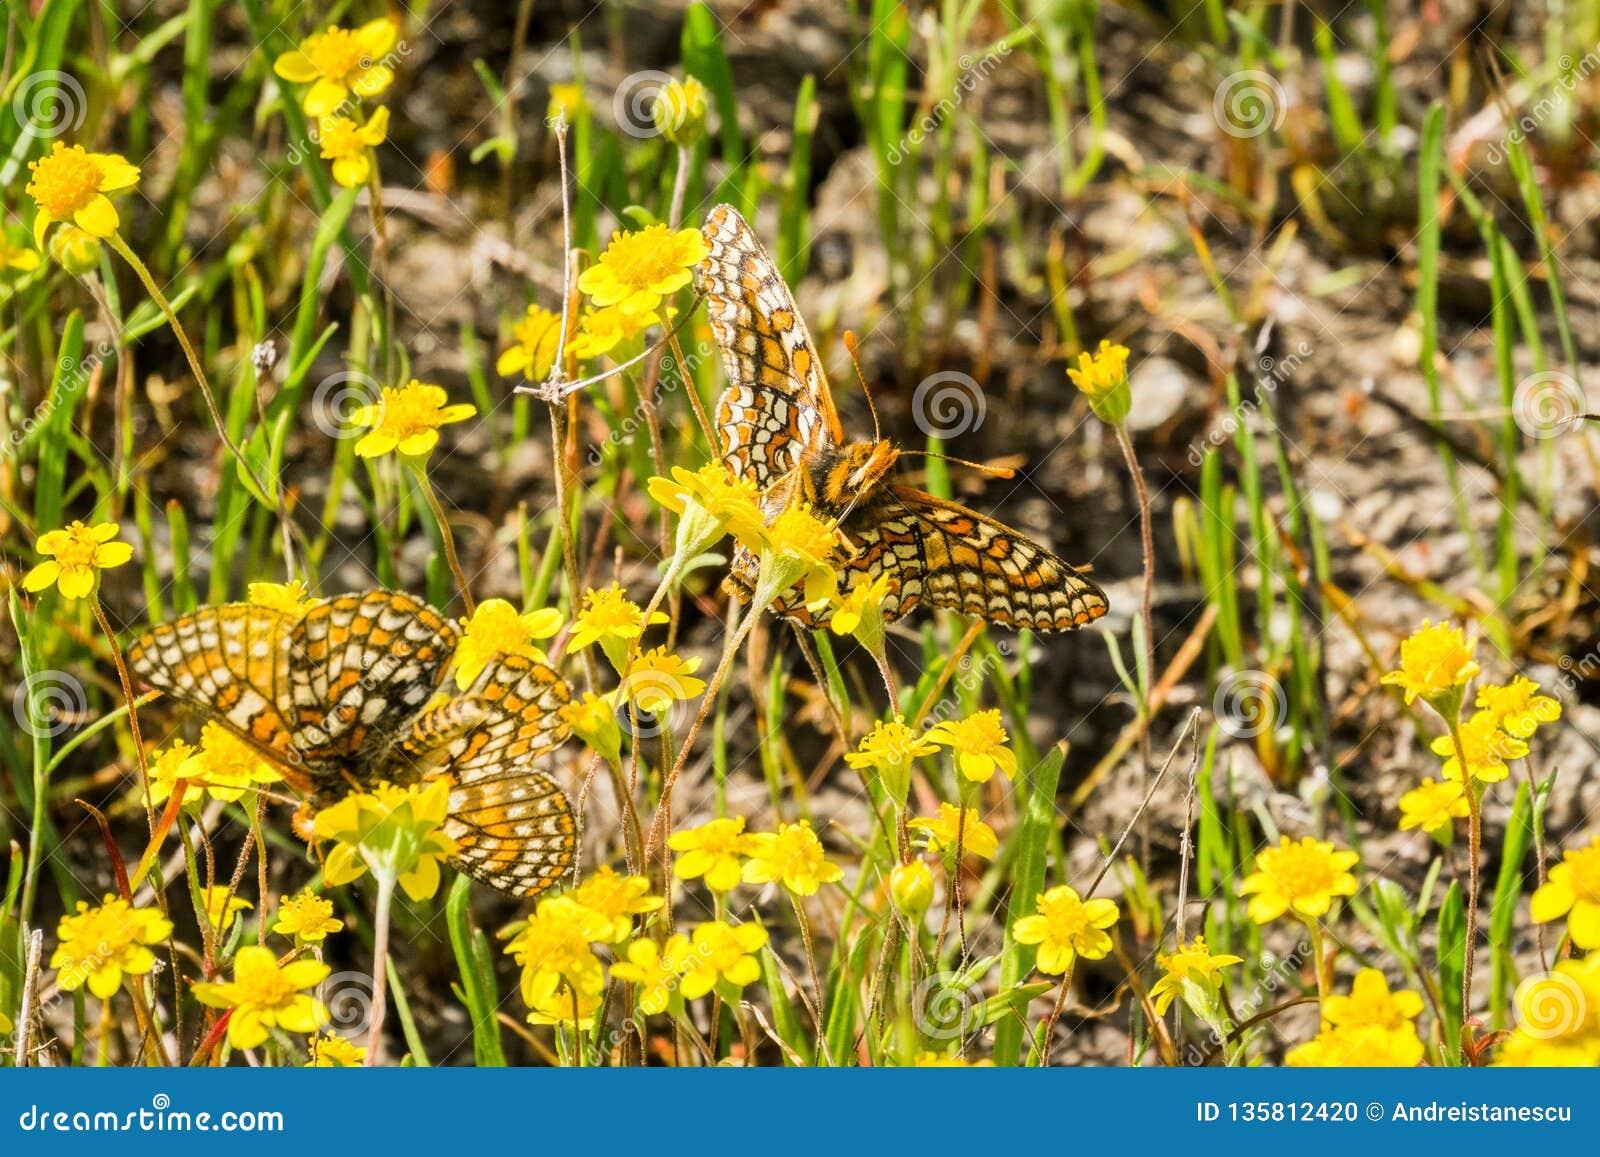 Twee vlinders van Baaicheckerspot (bayensis van Euphydryas Editha) op goudveldwildflowers; geclassificeerd als federaal gedreigd